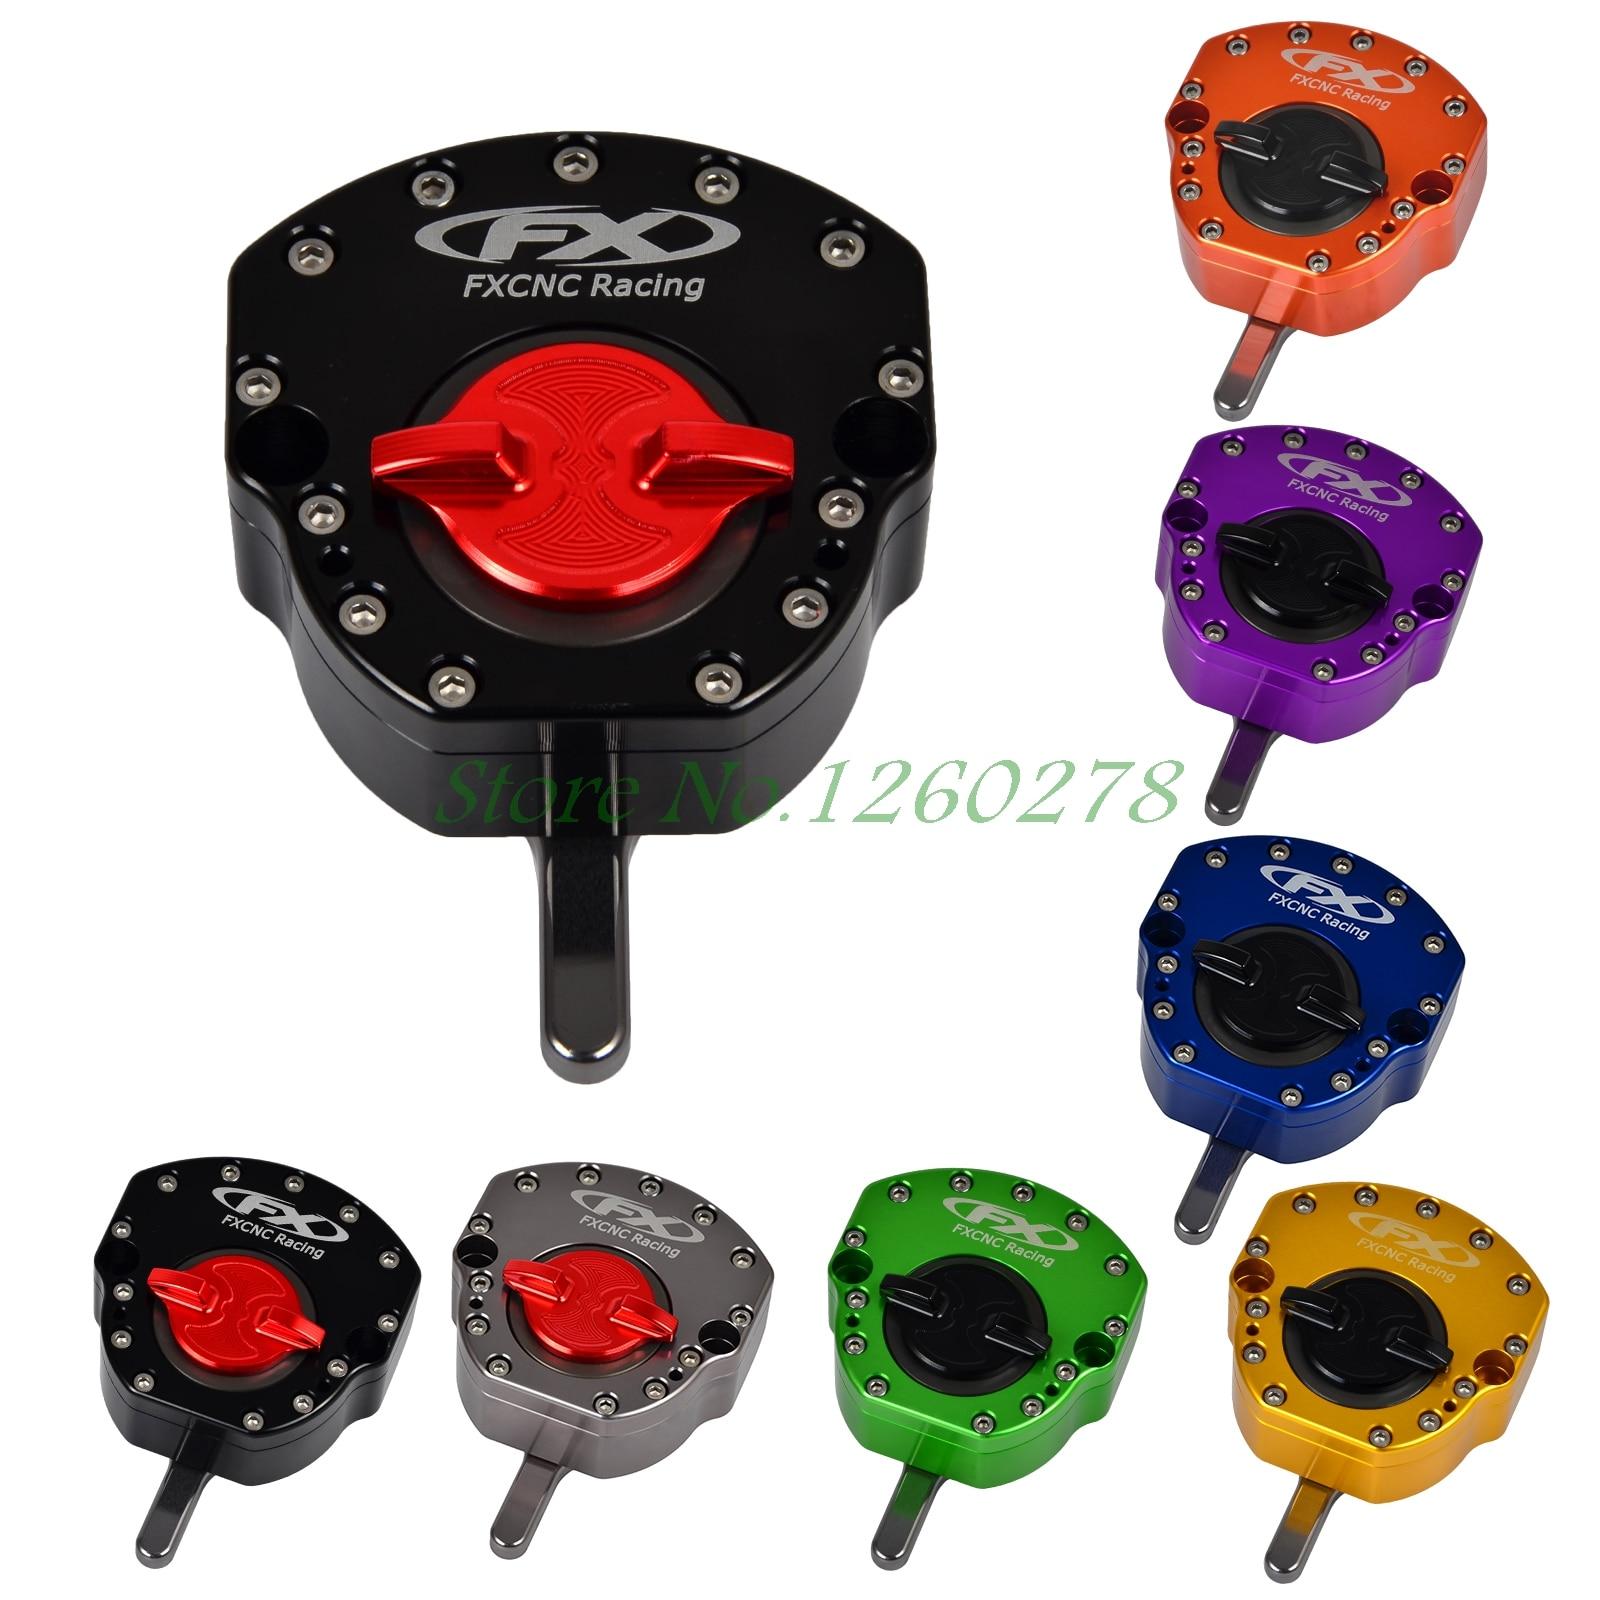 Motorcycle CNC Steering Stabilizer Damper For Honda GROM/MSX 125 CBR600RR F4 F4i CB1000 CBR900RR CBR929 954 CBR1000RR изменение honda cbr600 f5 f4 f4i cbr929 954rr cbr1000rr светодиодные очередь сигналы